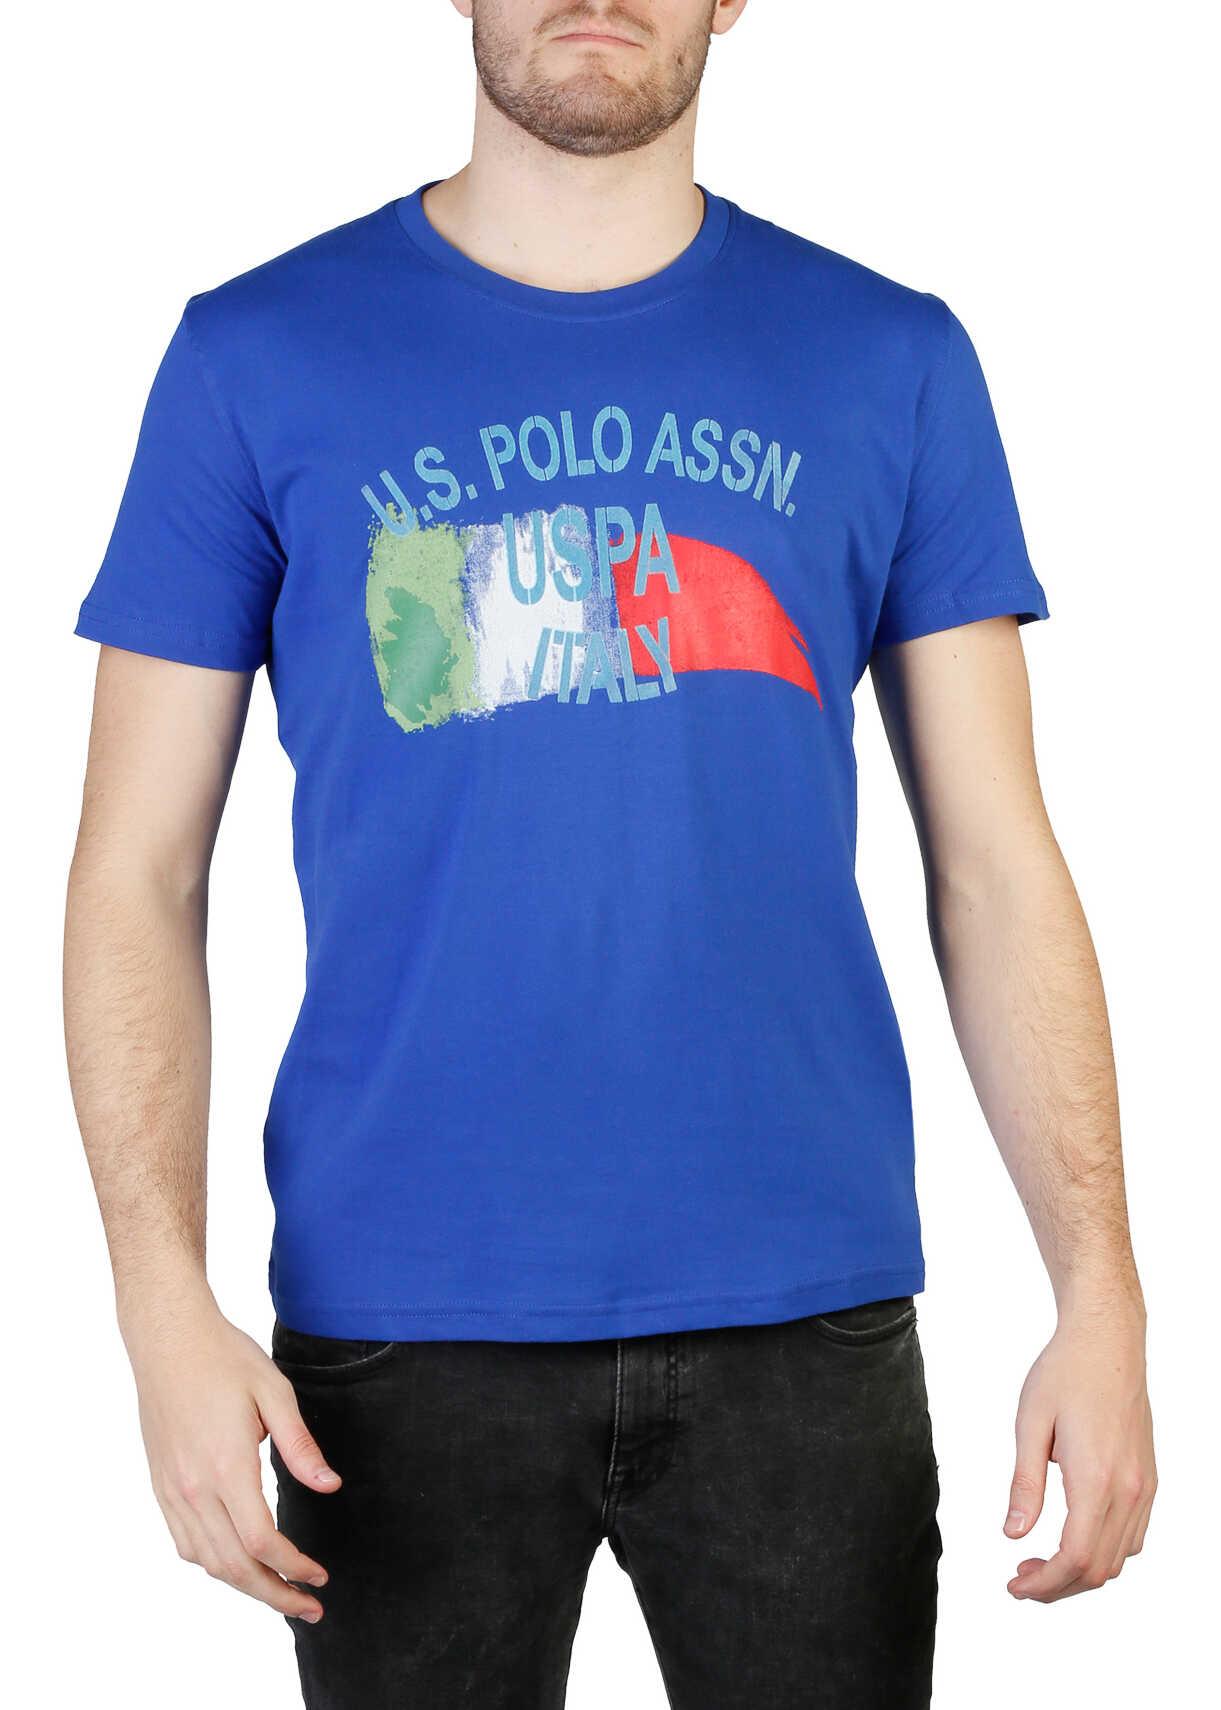 U.S. POLO ASSN. 50043_49351 Blue